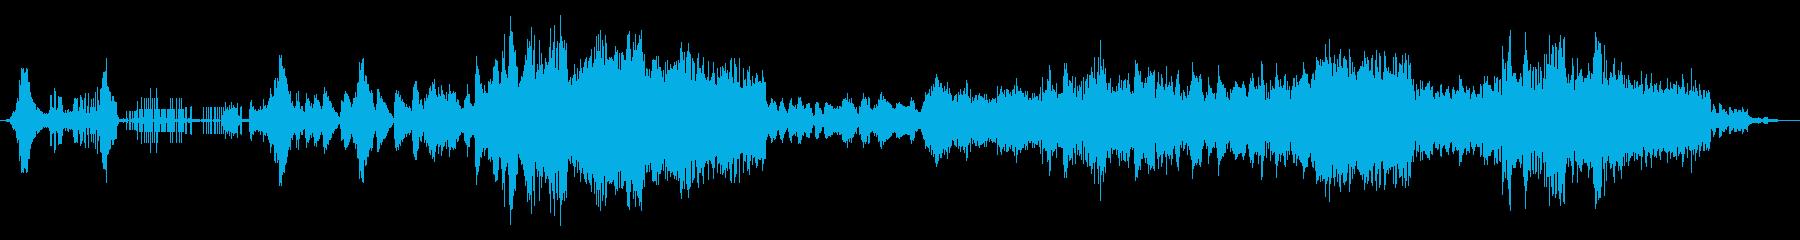 宇宙コンピューターの機械的または低...の再生済みの波形